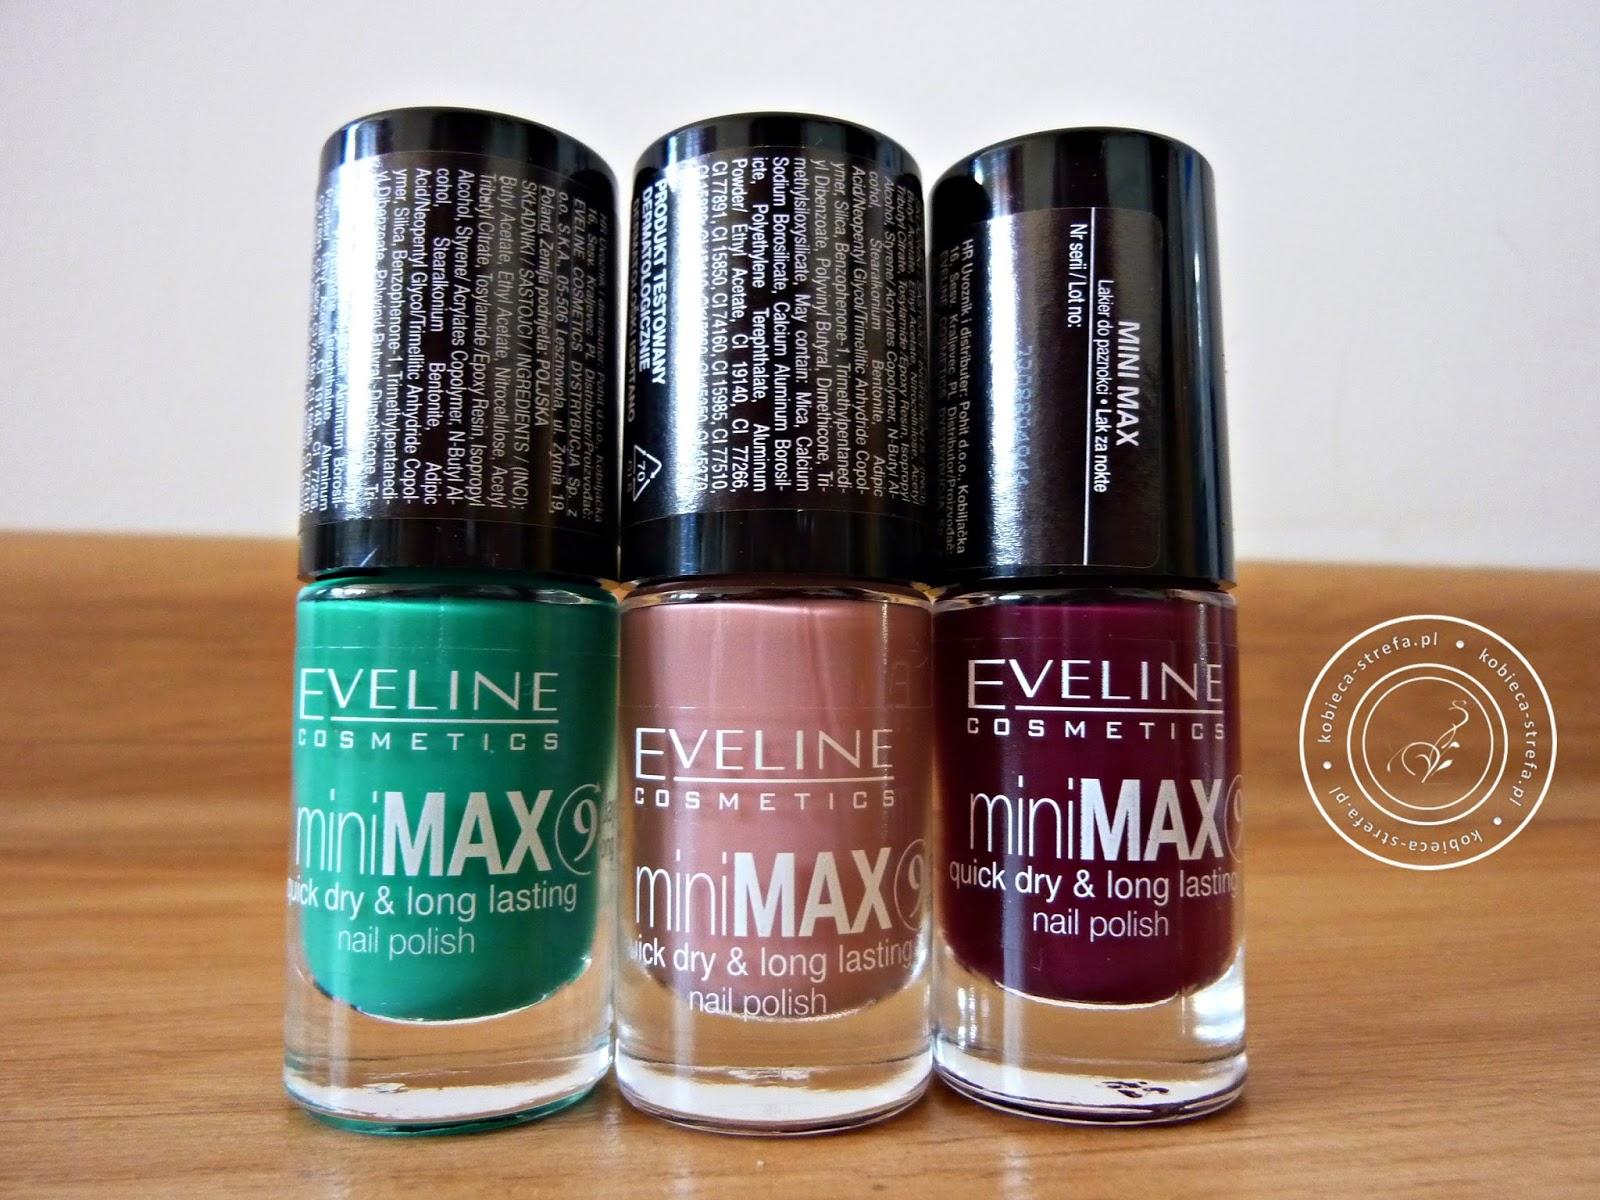 miniMAX - Eveline Cosmetics - szybko schnące i długotrwałe lakiery do paznokci nr 839, 685, 836 - 9 days long